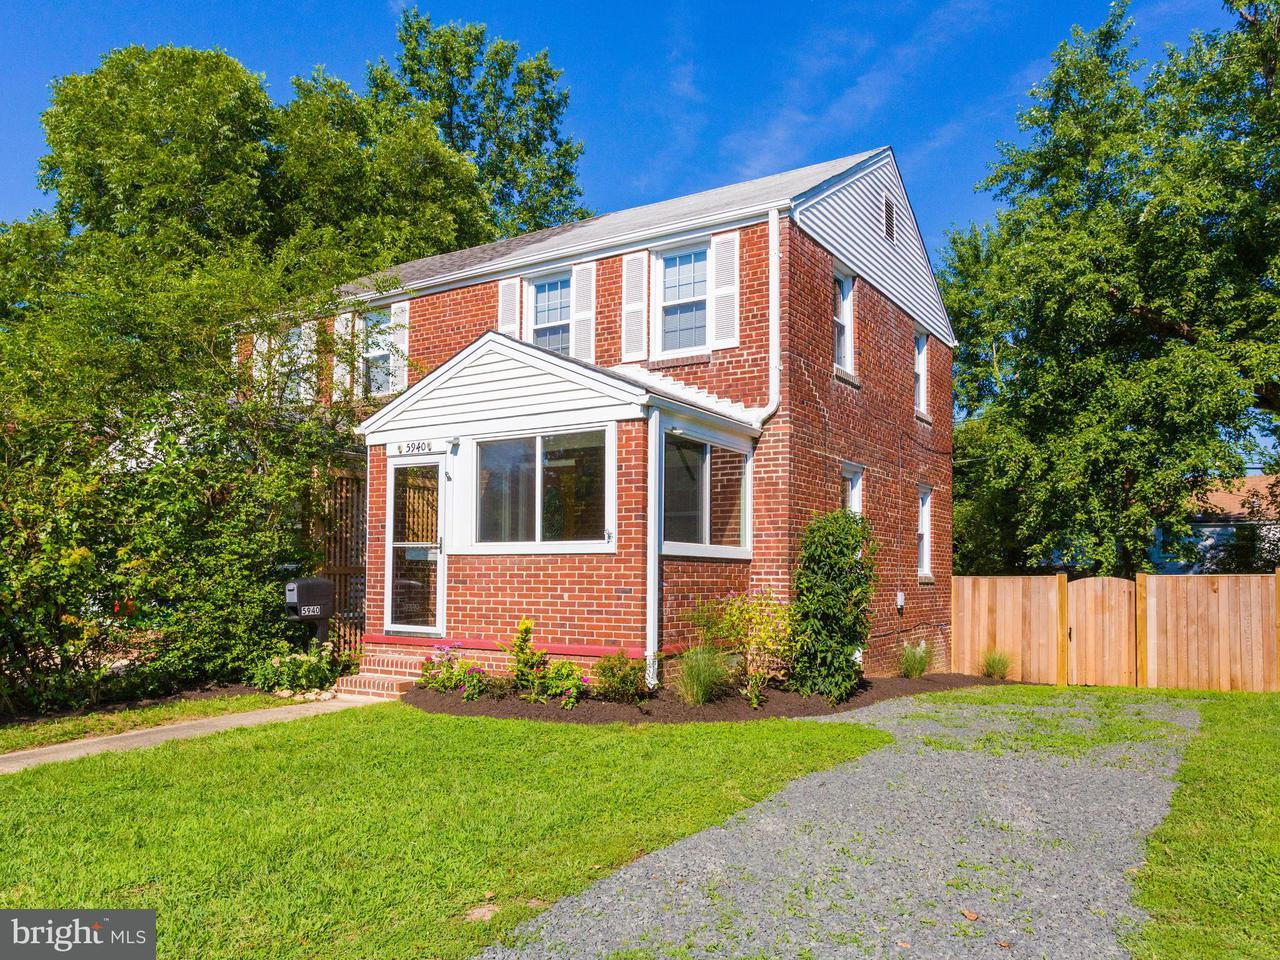 Doppelhaus für Verkauf beim 5940 KINGS HWY N 5940 KINGS HWY N Alexandria, Virginia 22303 Vereinigte Staaten